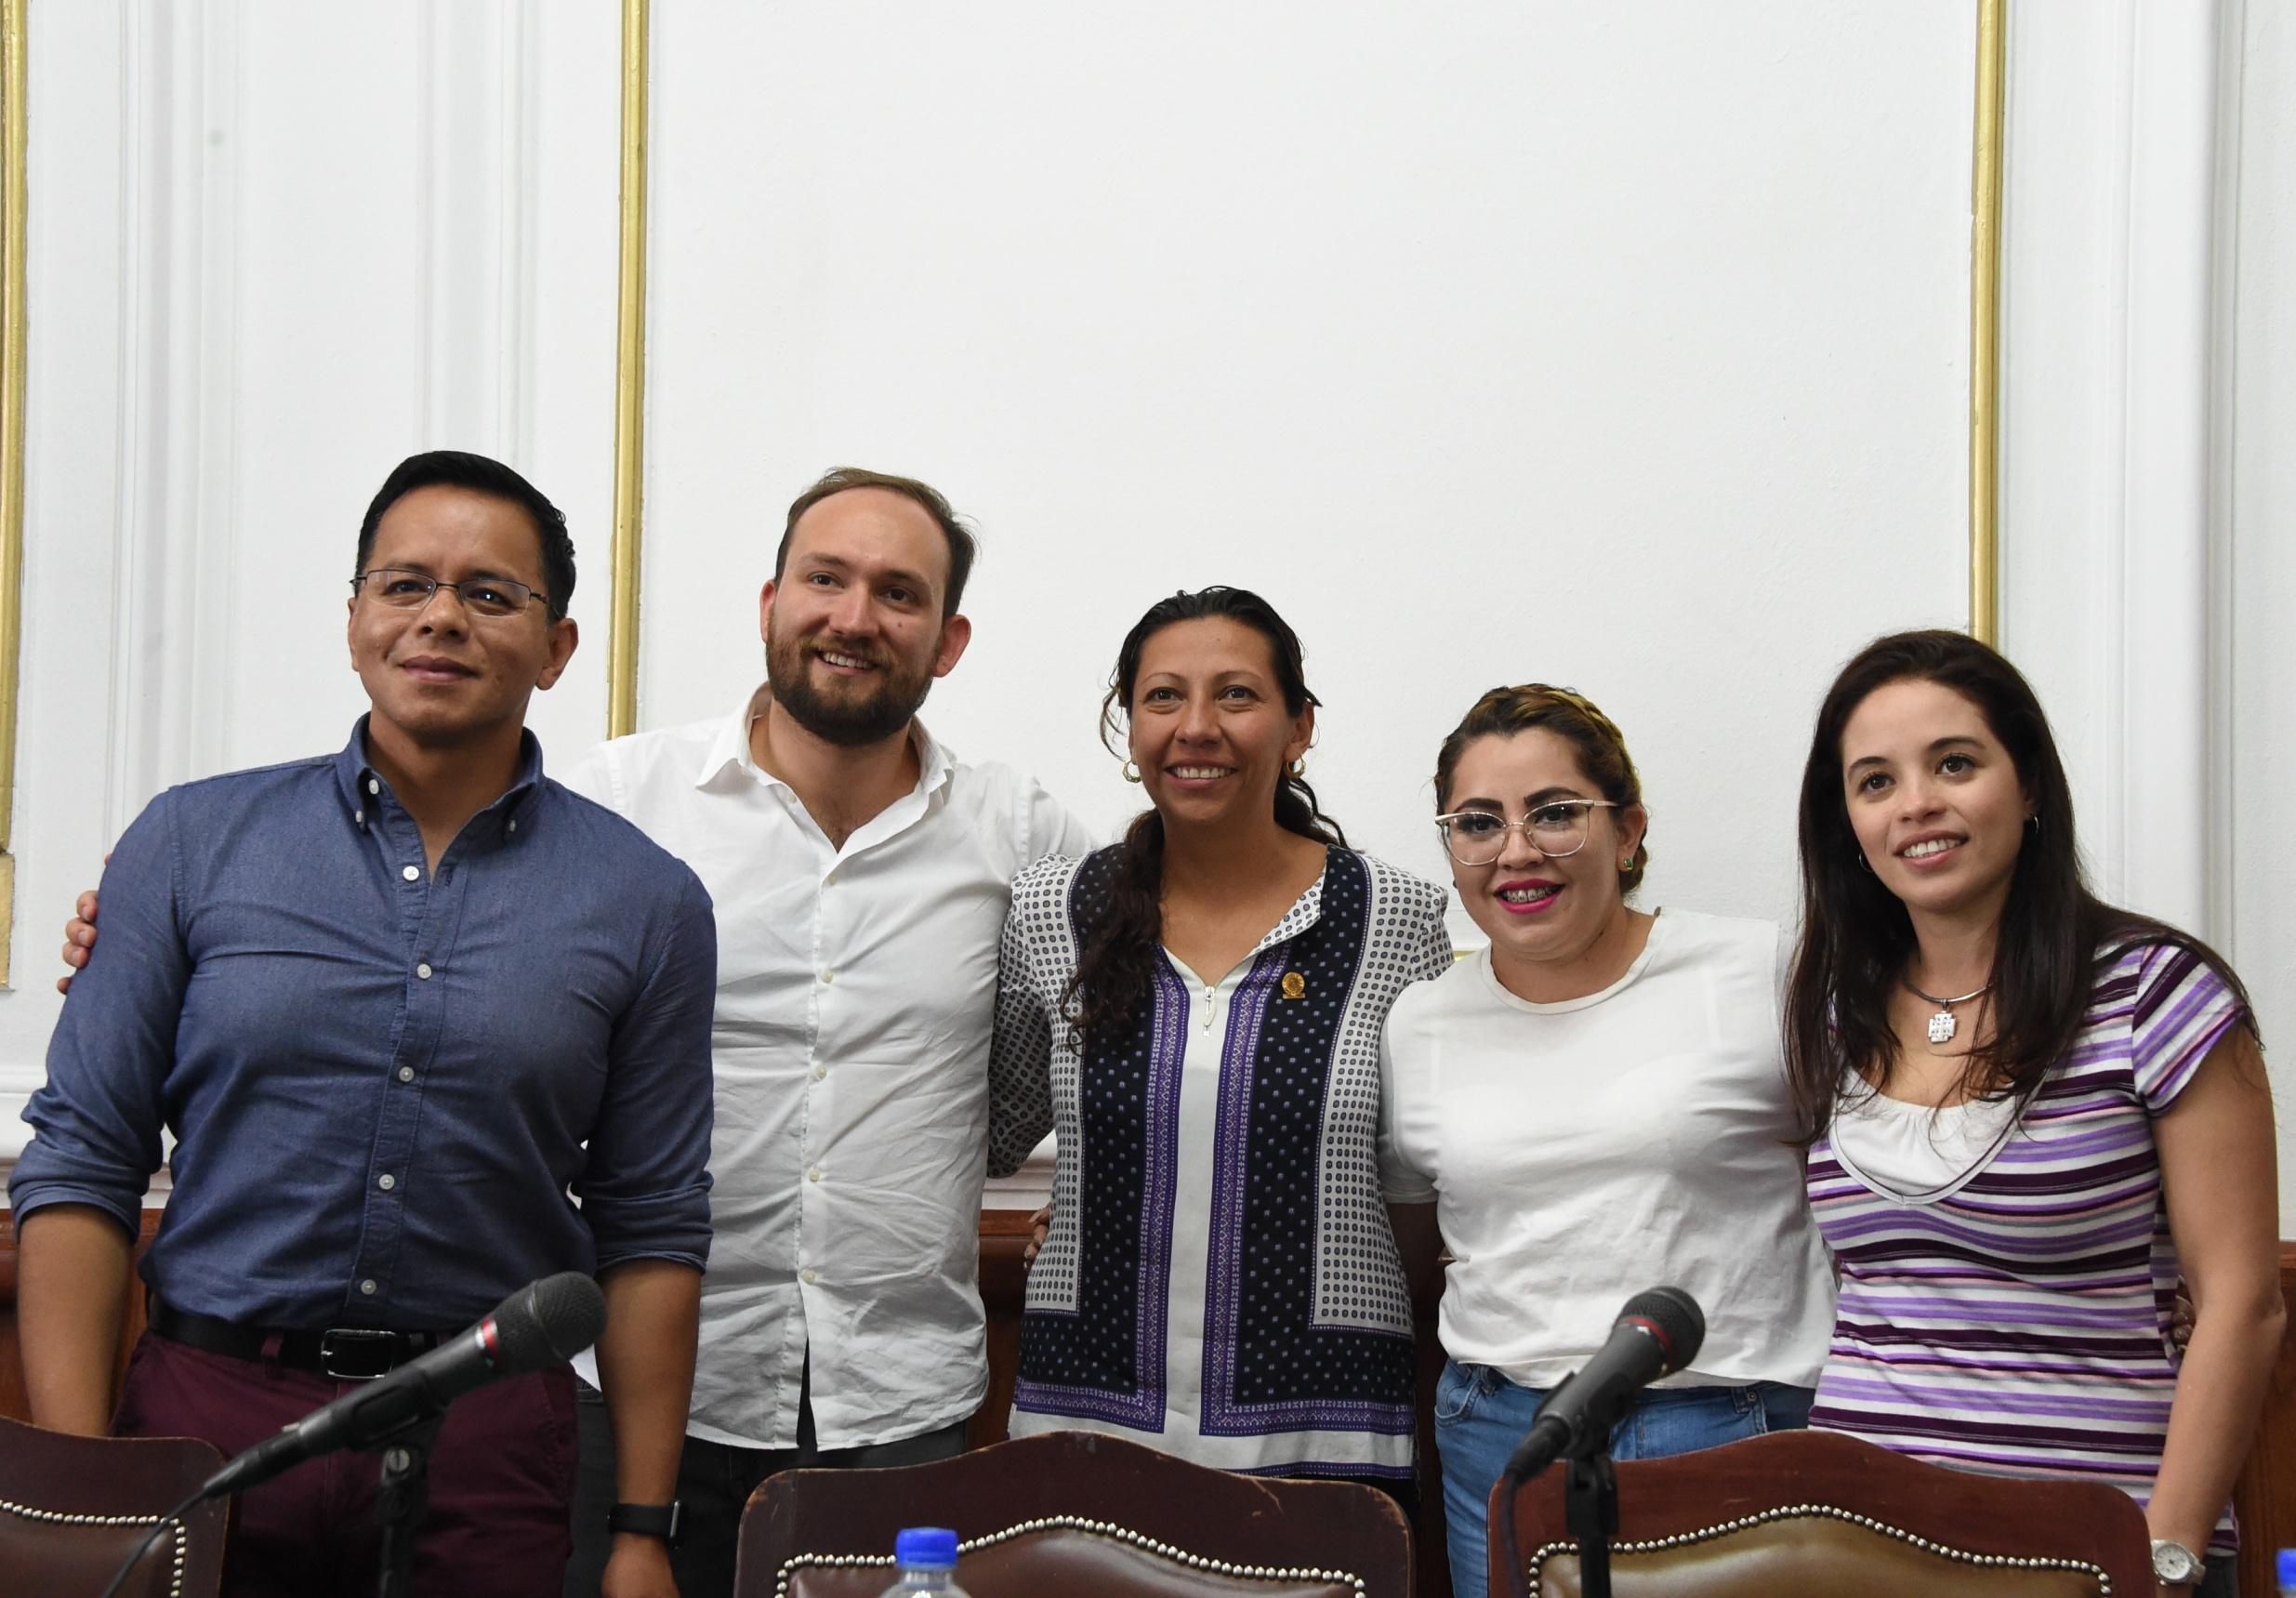 El Congreso local entregará la Medalla al Mérito Deportivo a seis atletas mexicanos